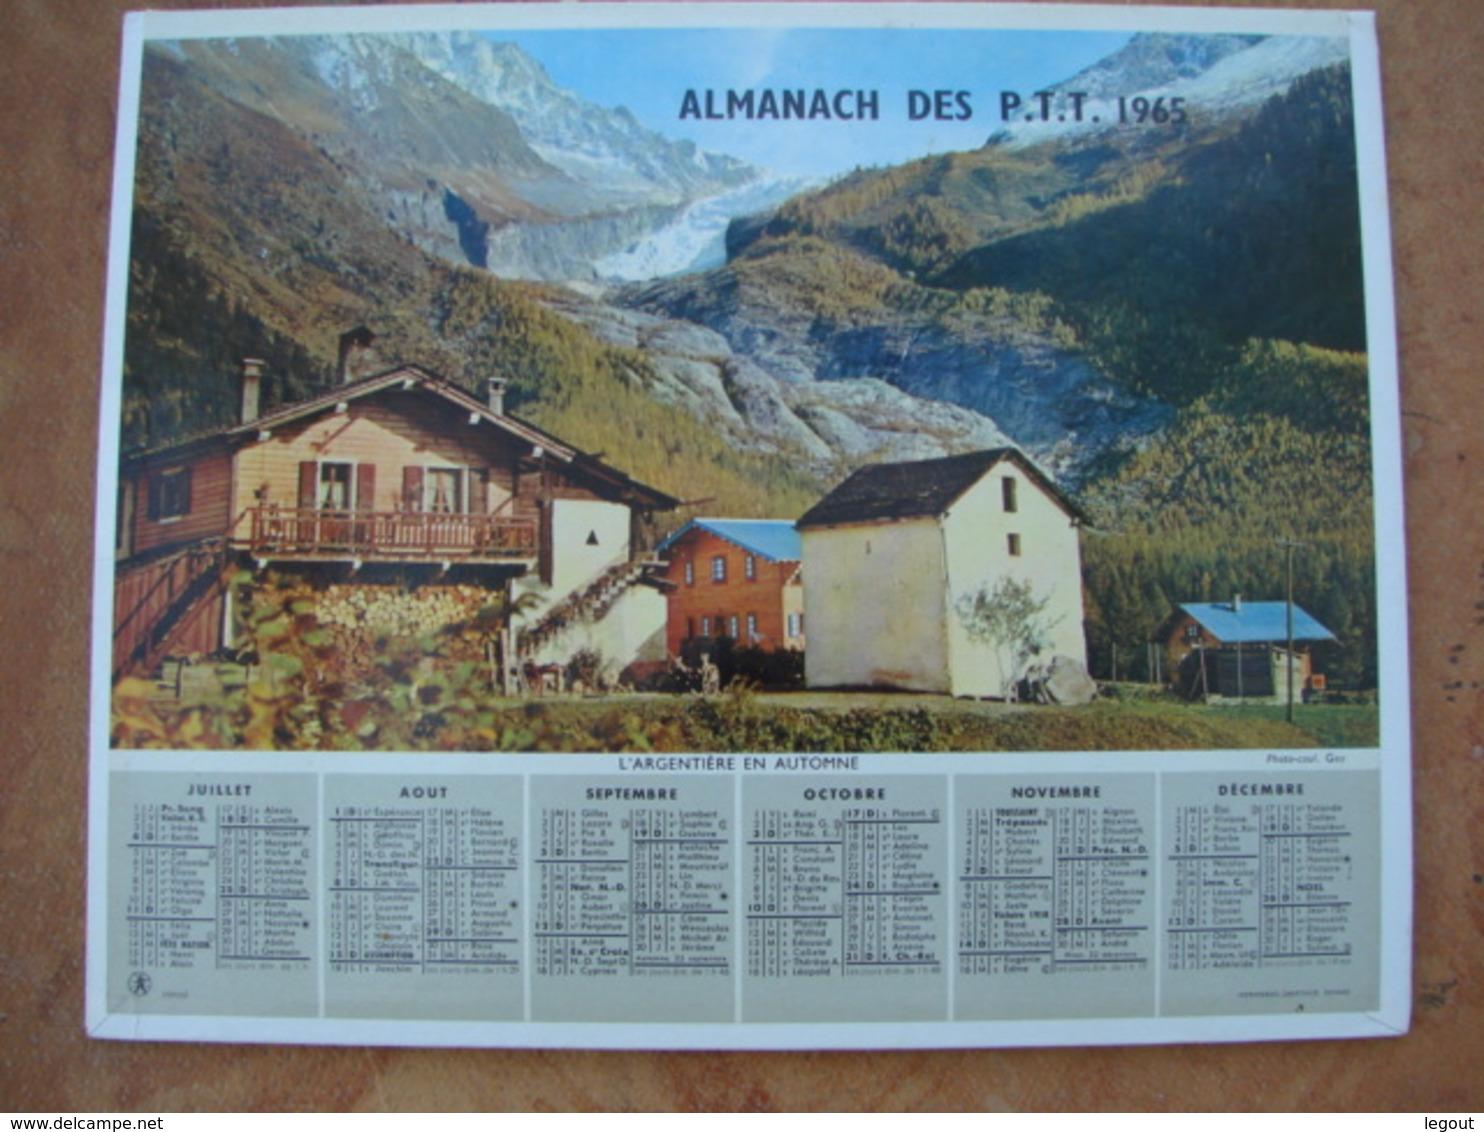 CALENDRIER DES PTT 1965 - Feuillets Avec Cartes & Horaires Pornic & L'Argentière En Automne - Calendriers